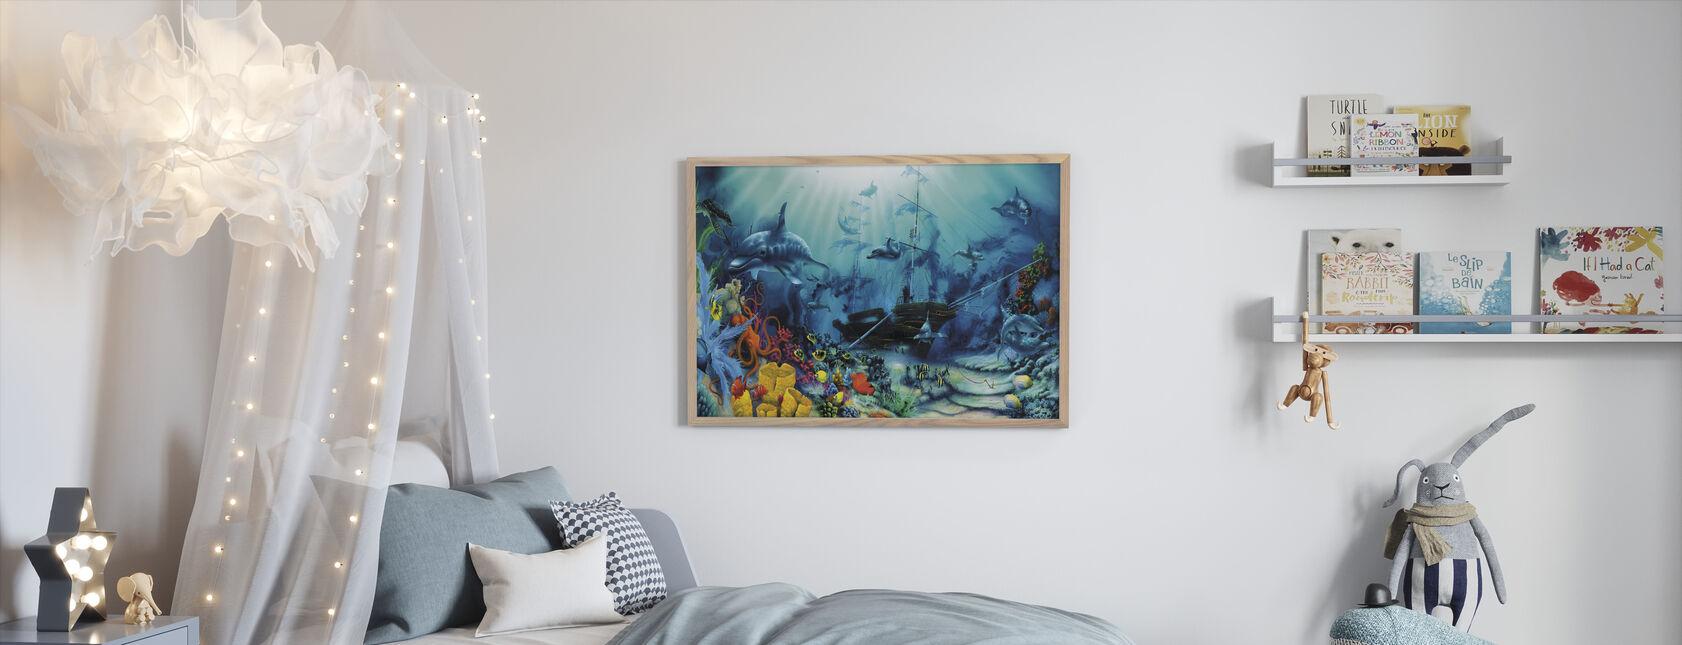 Schatten van de oceaan - Ingelijste print - Kinderkamer